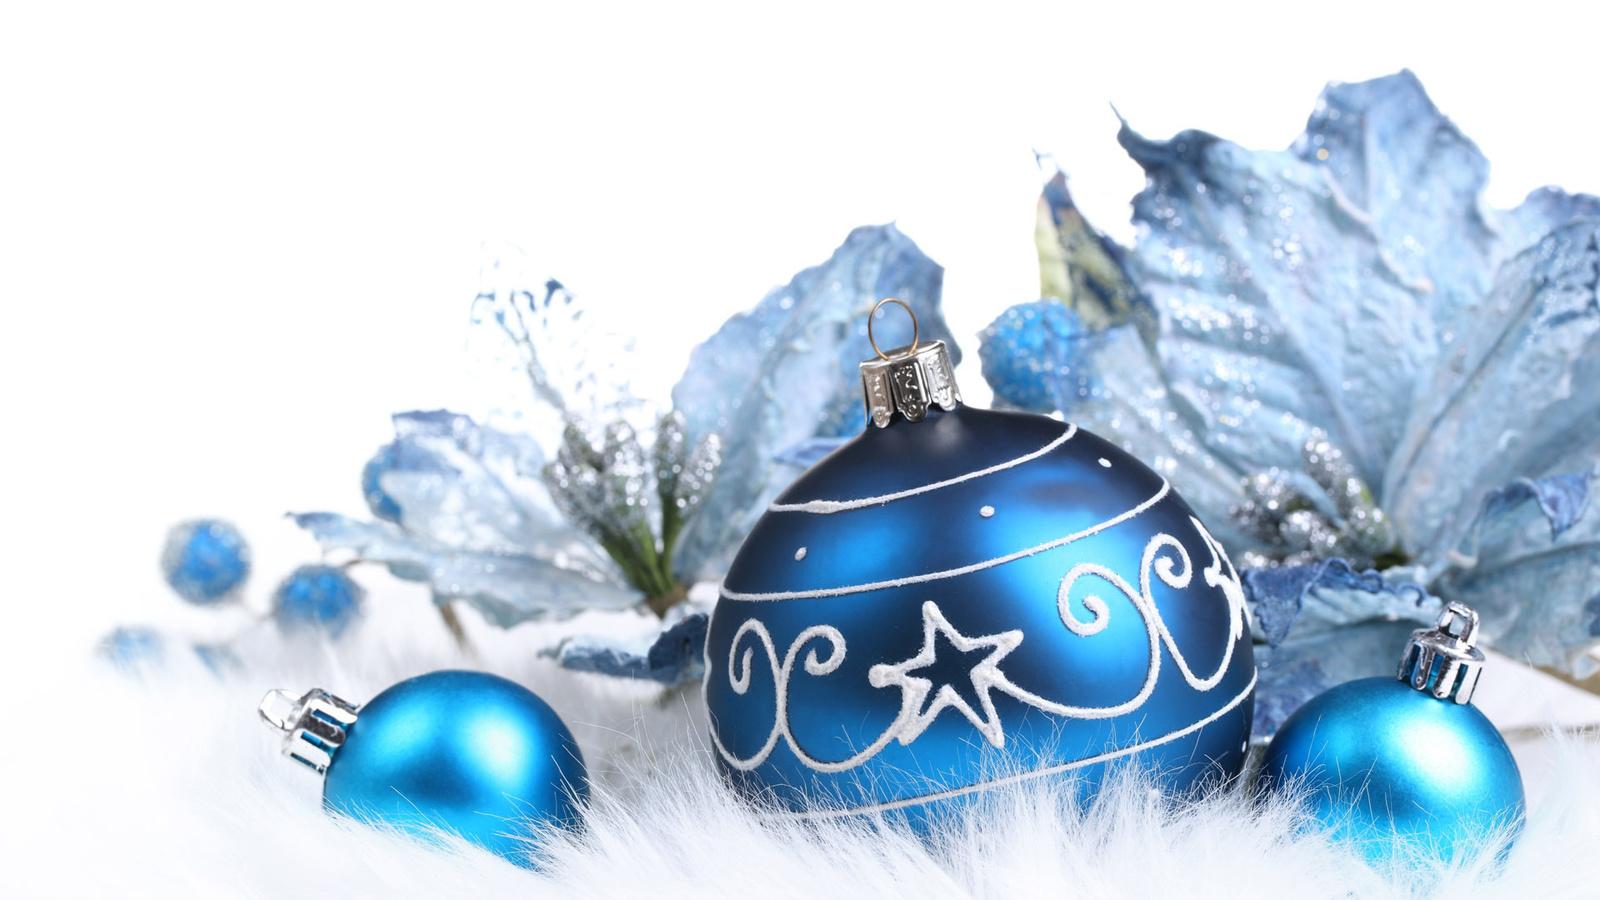 Новогодние синие открытки, солидные лысые очках